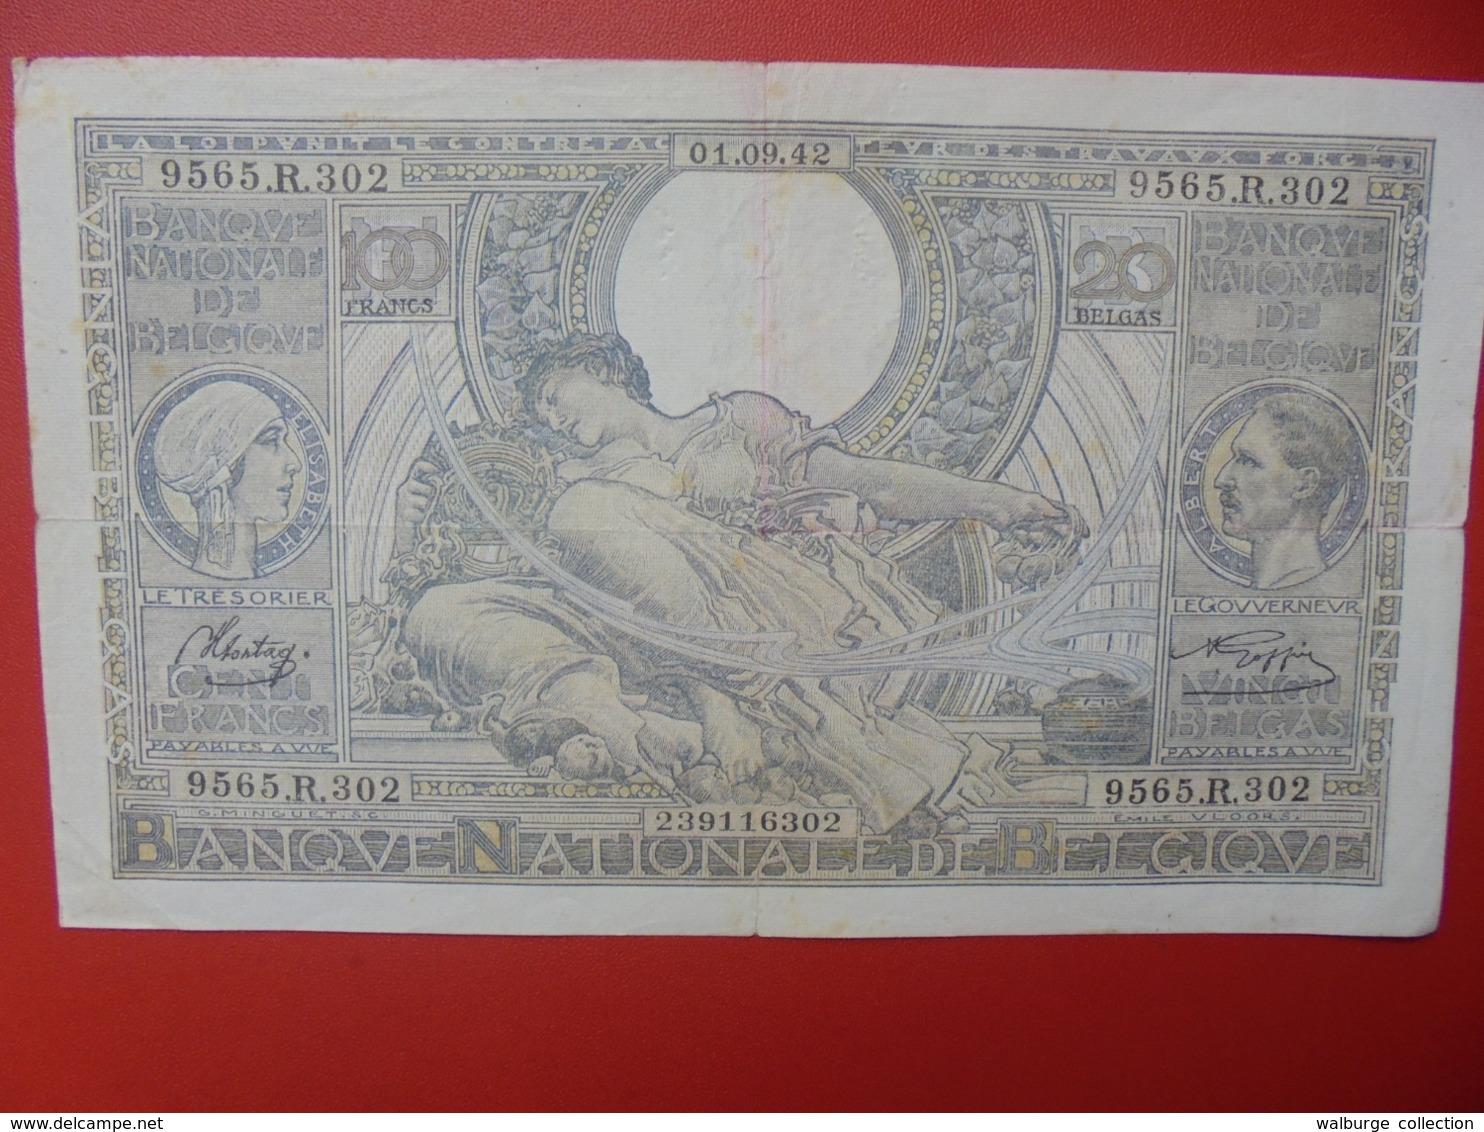 BELGIQUE 100 FRANCS 1-9-42 CIRCULER (B.7) - 100 Frank